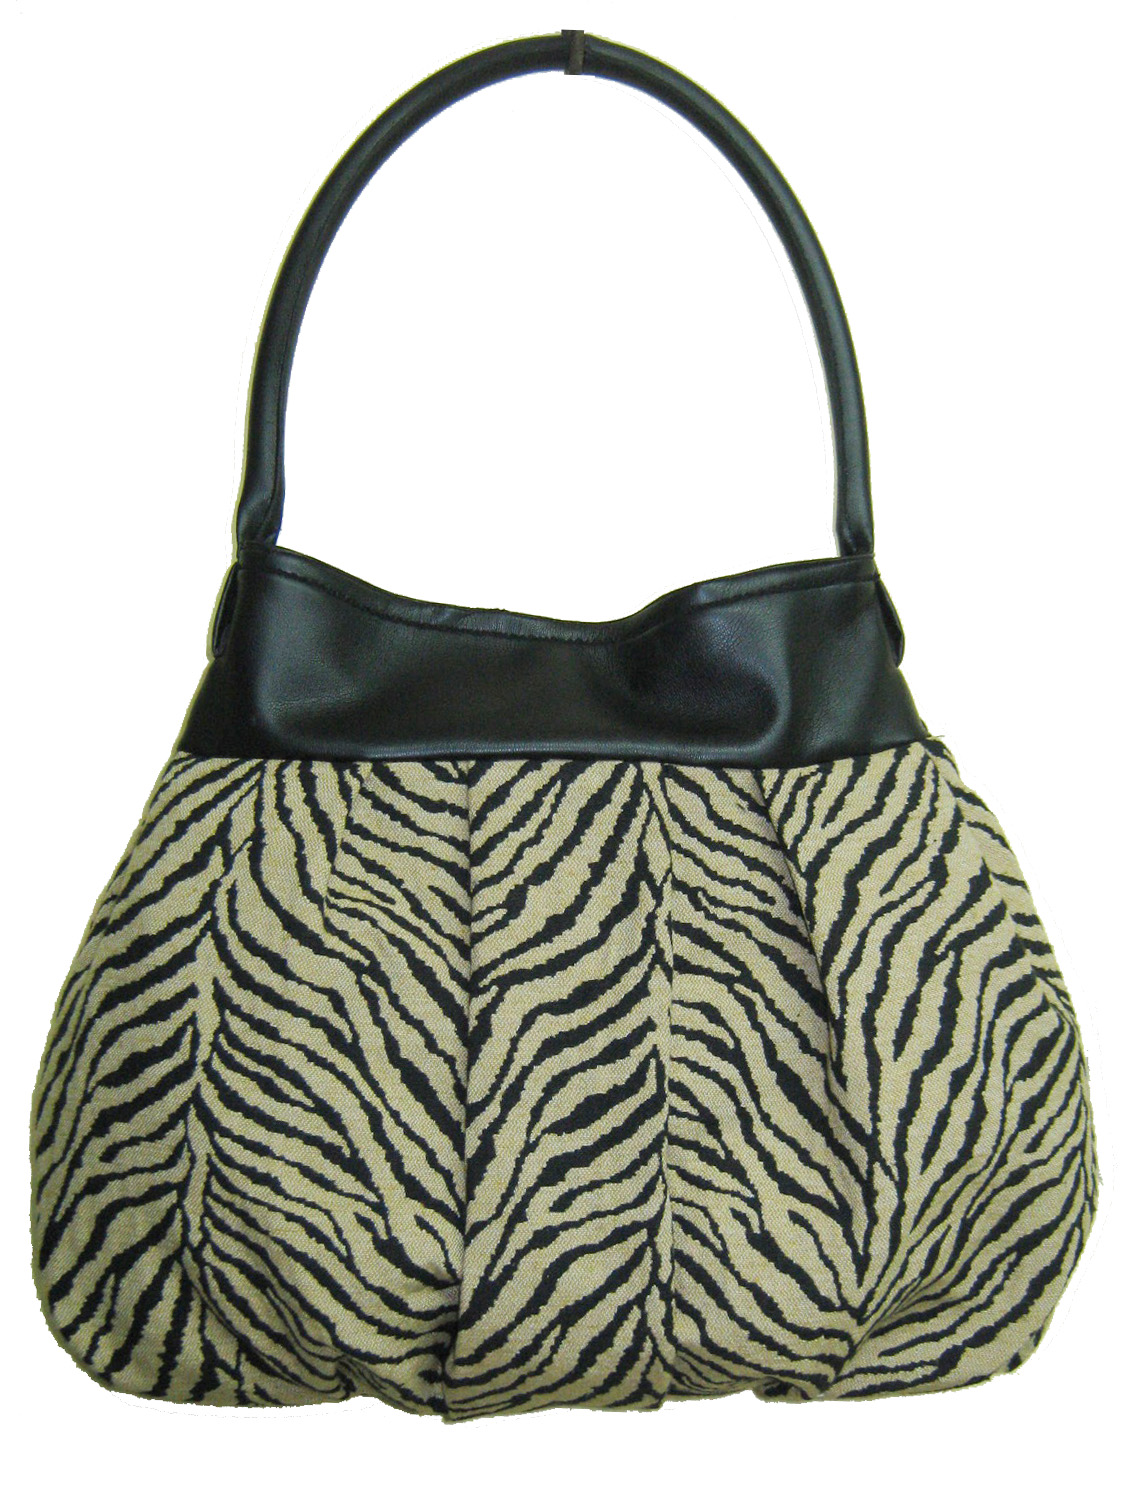 Bolso mediano, con tela de tapicería combinado con cuerina negra en vista y manija, tabla central y pinzas a los costados para dar volumen, manija única con